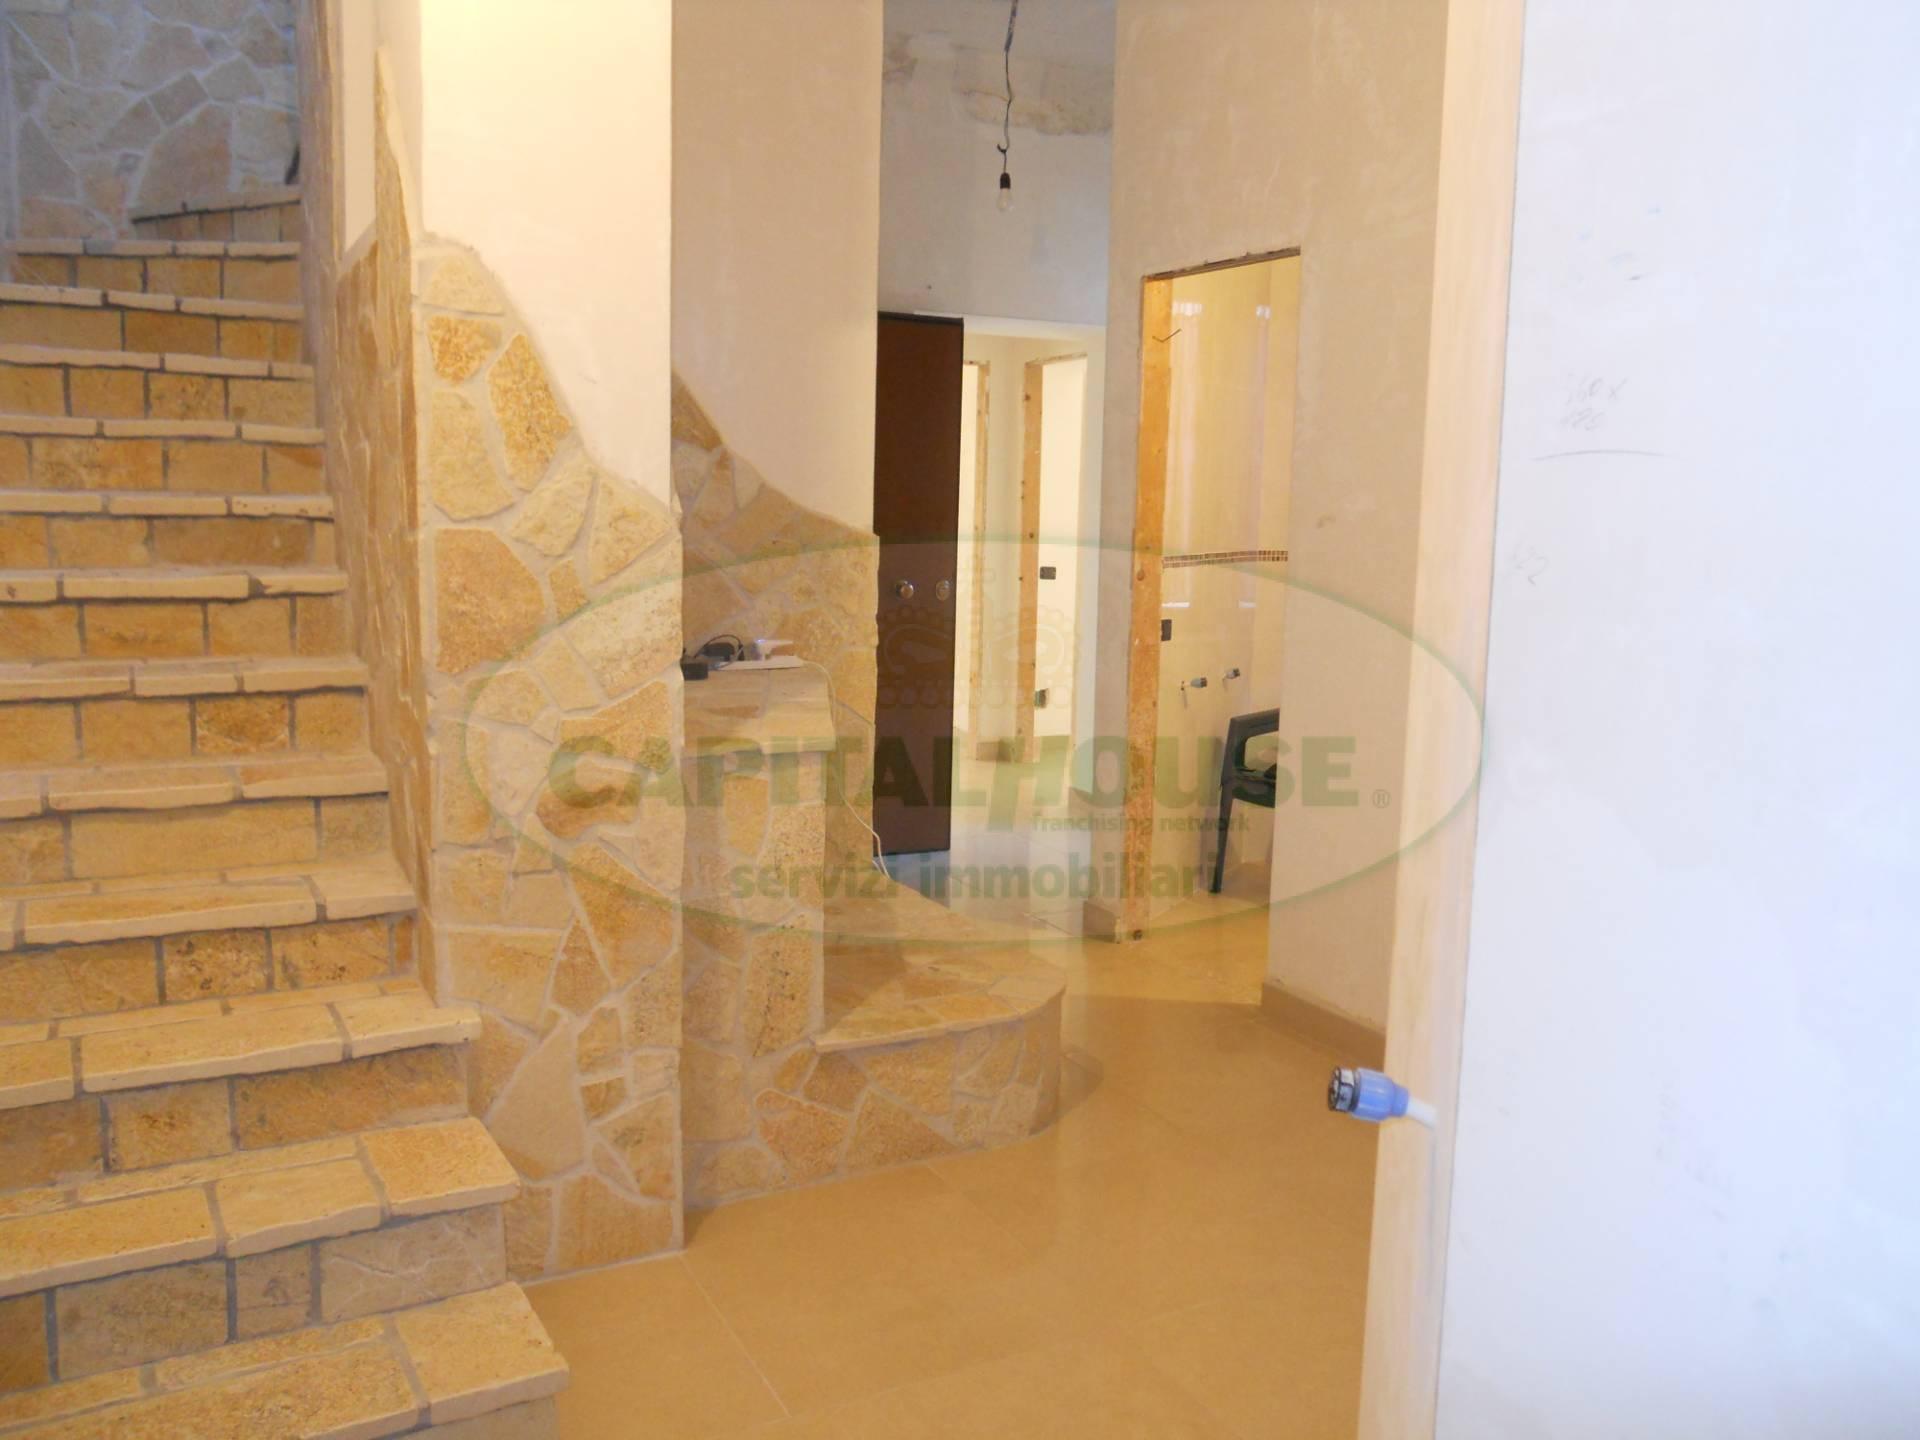 Appartamento in vendita a Camigliano, 9 locali, prezzo € 145.000 | PortaleAgenzieImmobiliari.it